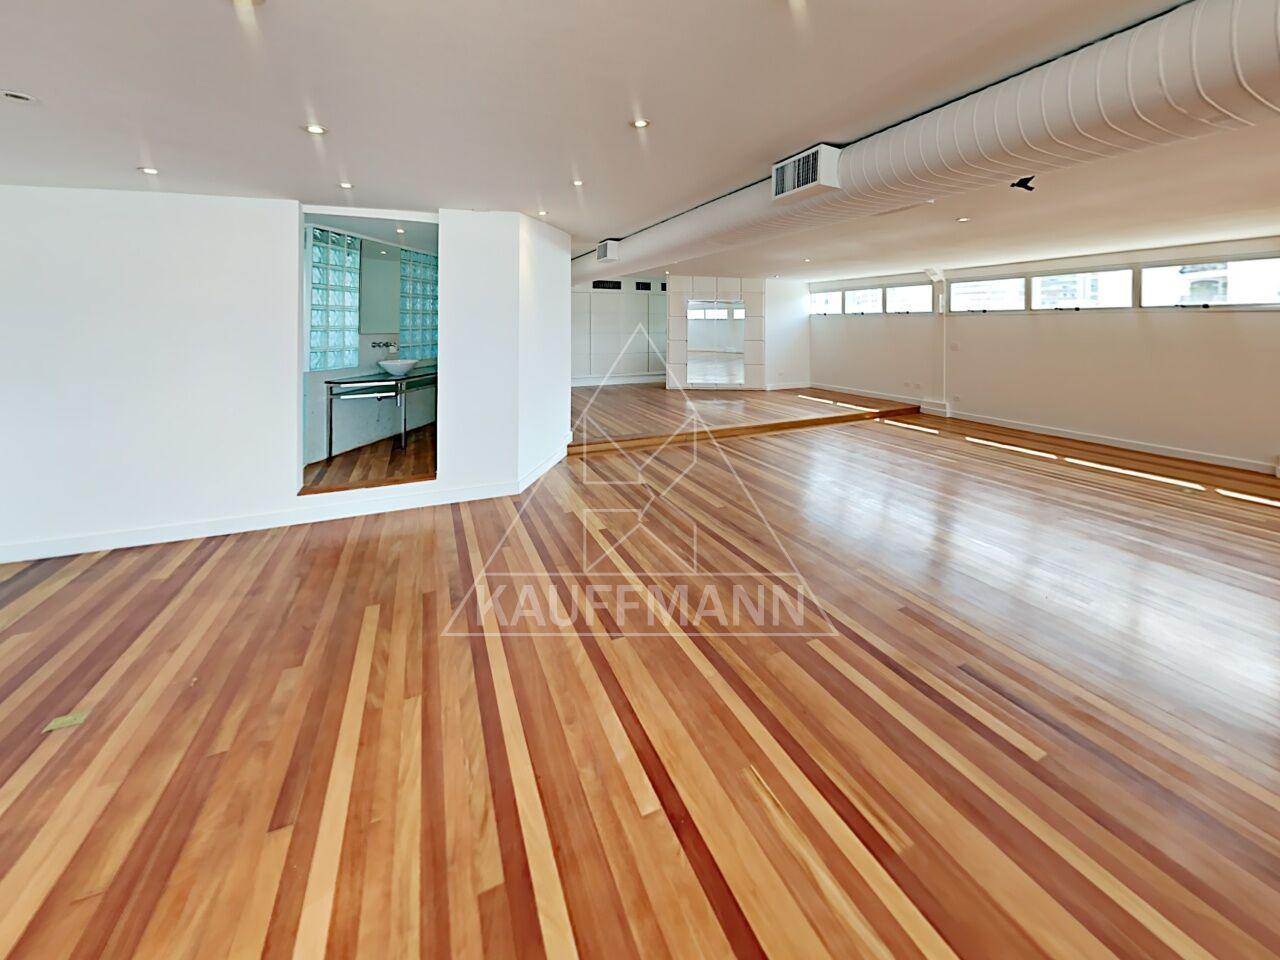 apartamento-venda-sao-paulo-jardim-america-regency-6dormitorios-6suites-7vagas-1099m2-Foto32